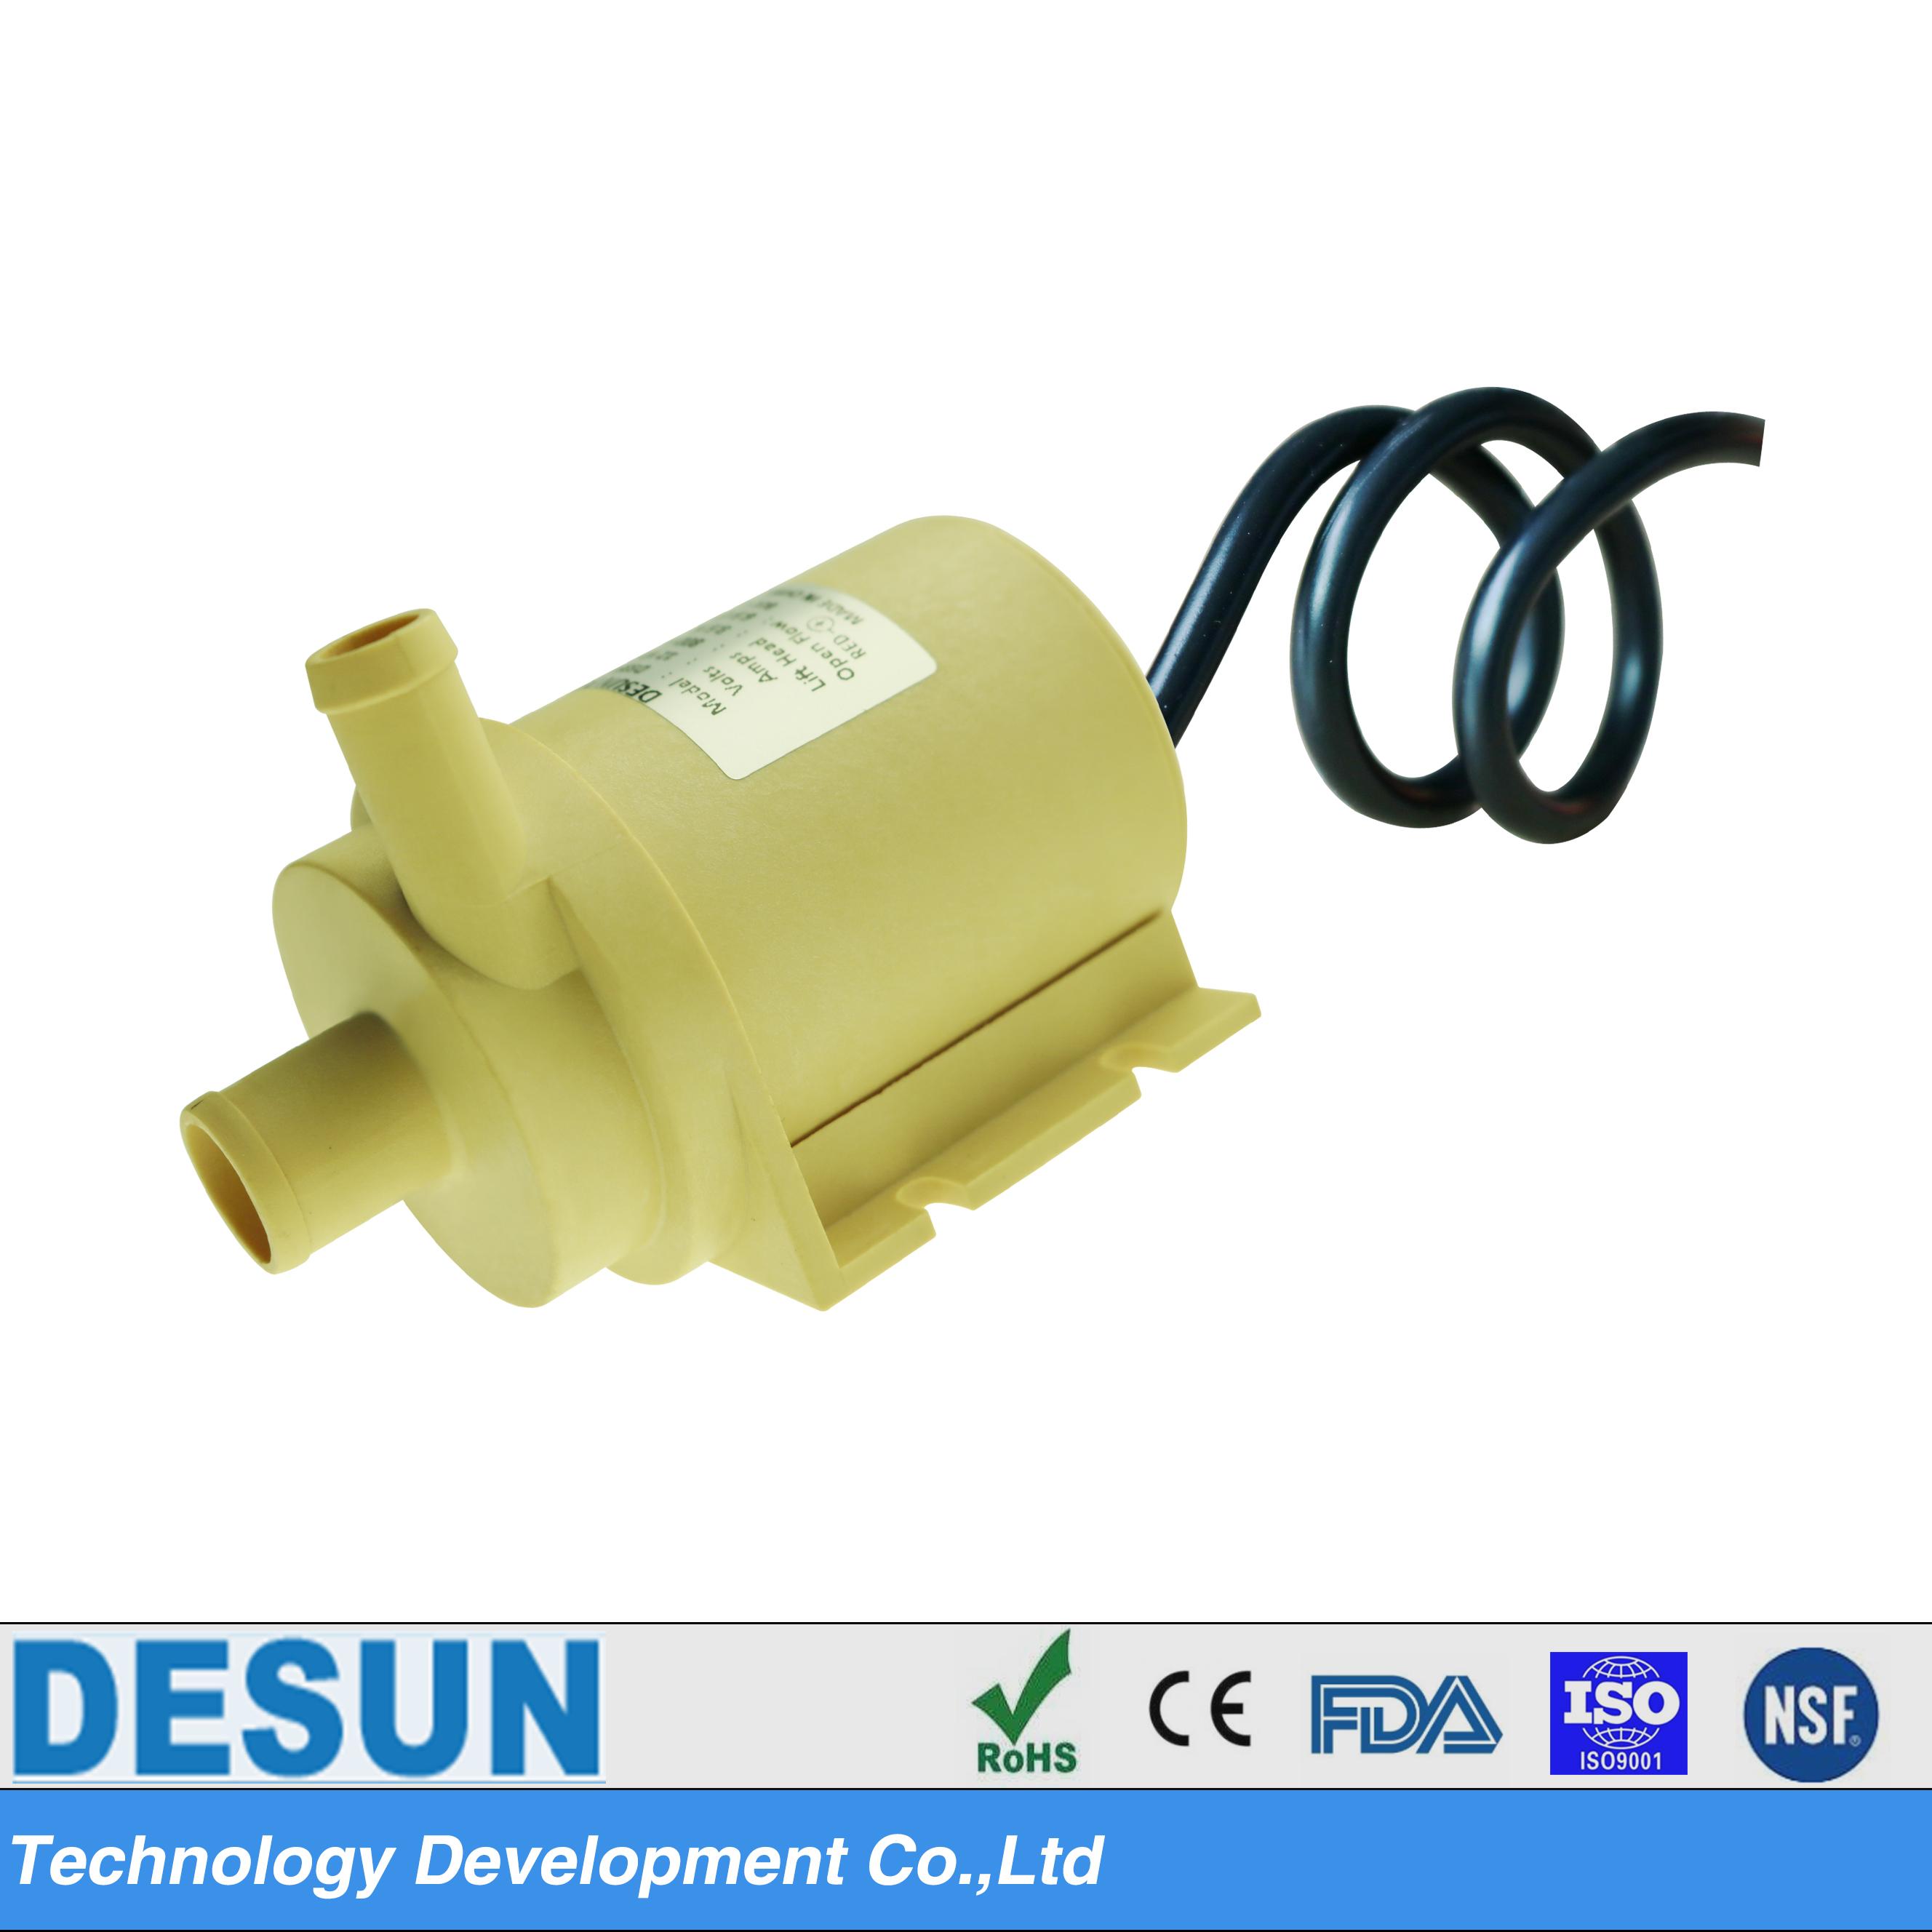 食品级饮水机微型水泵DS3901HF